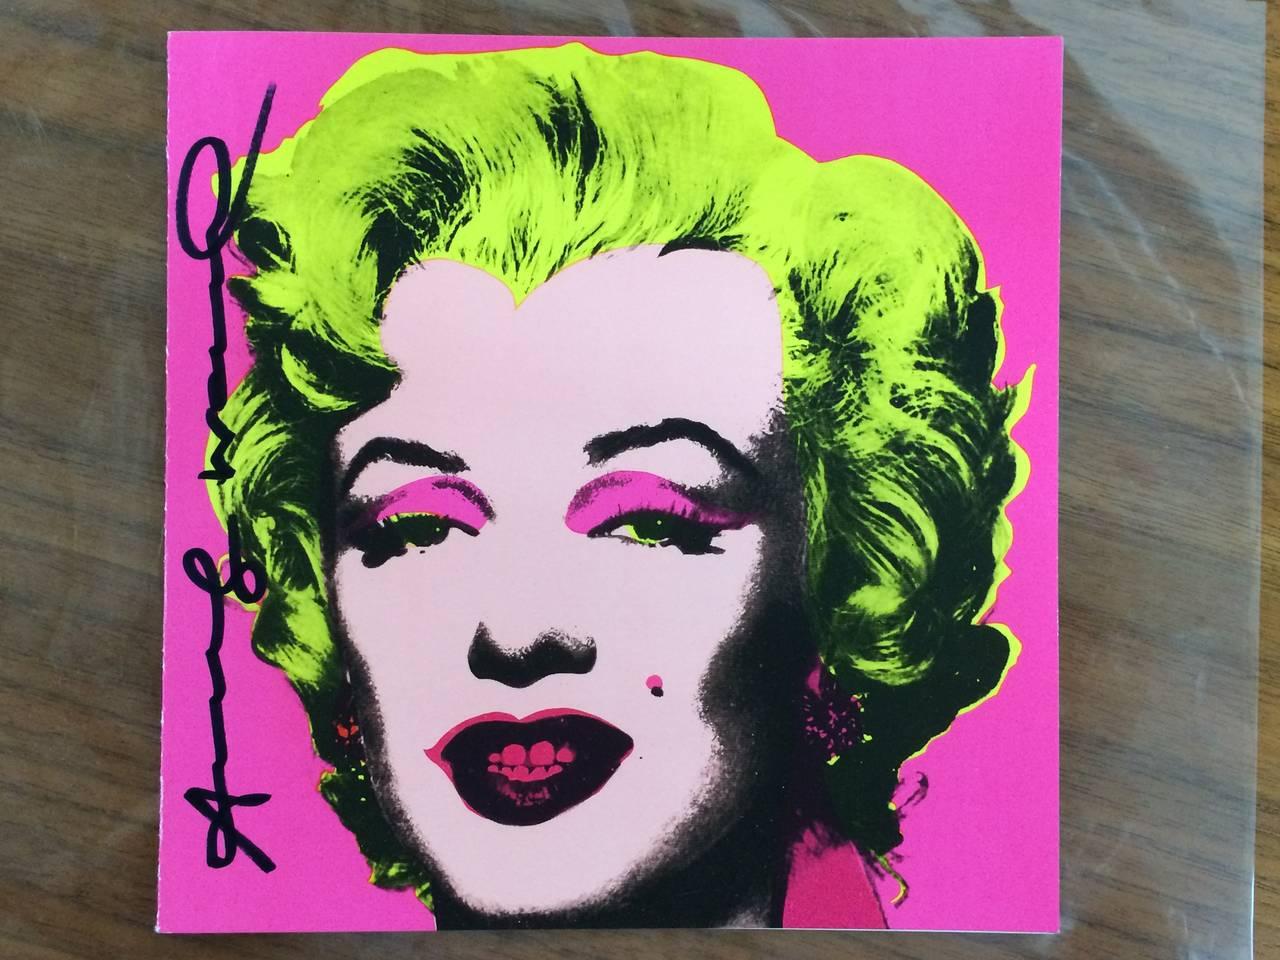 Andy Warholmarilyn Monroe